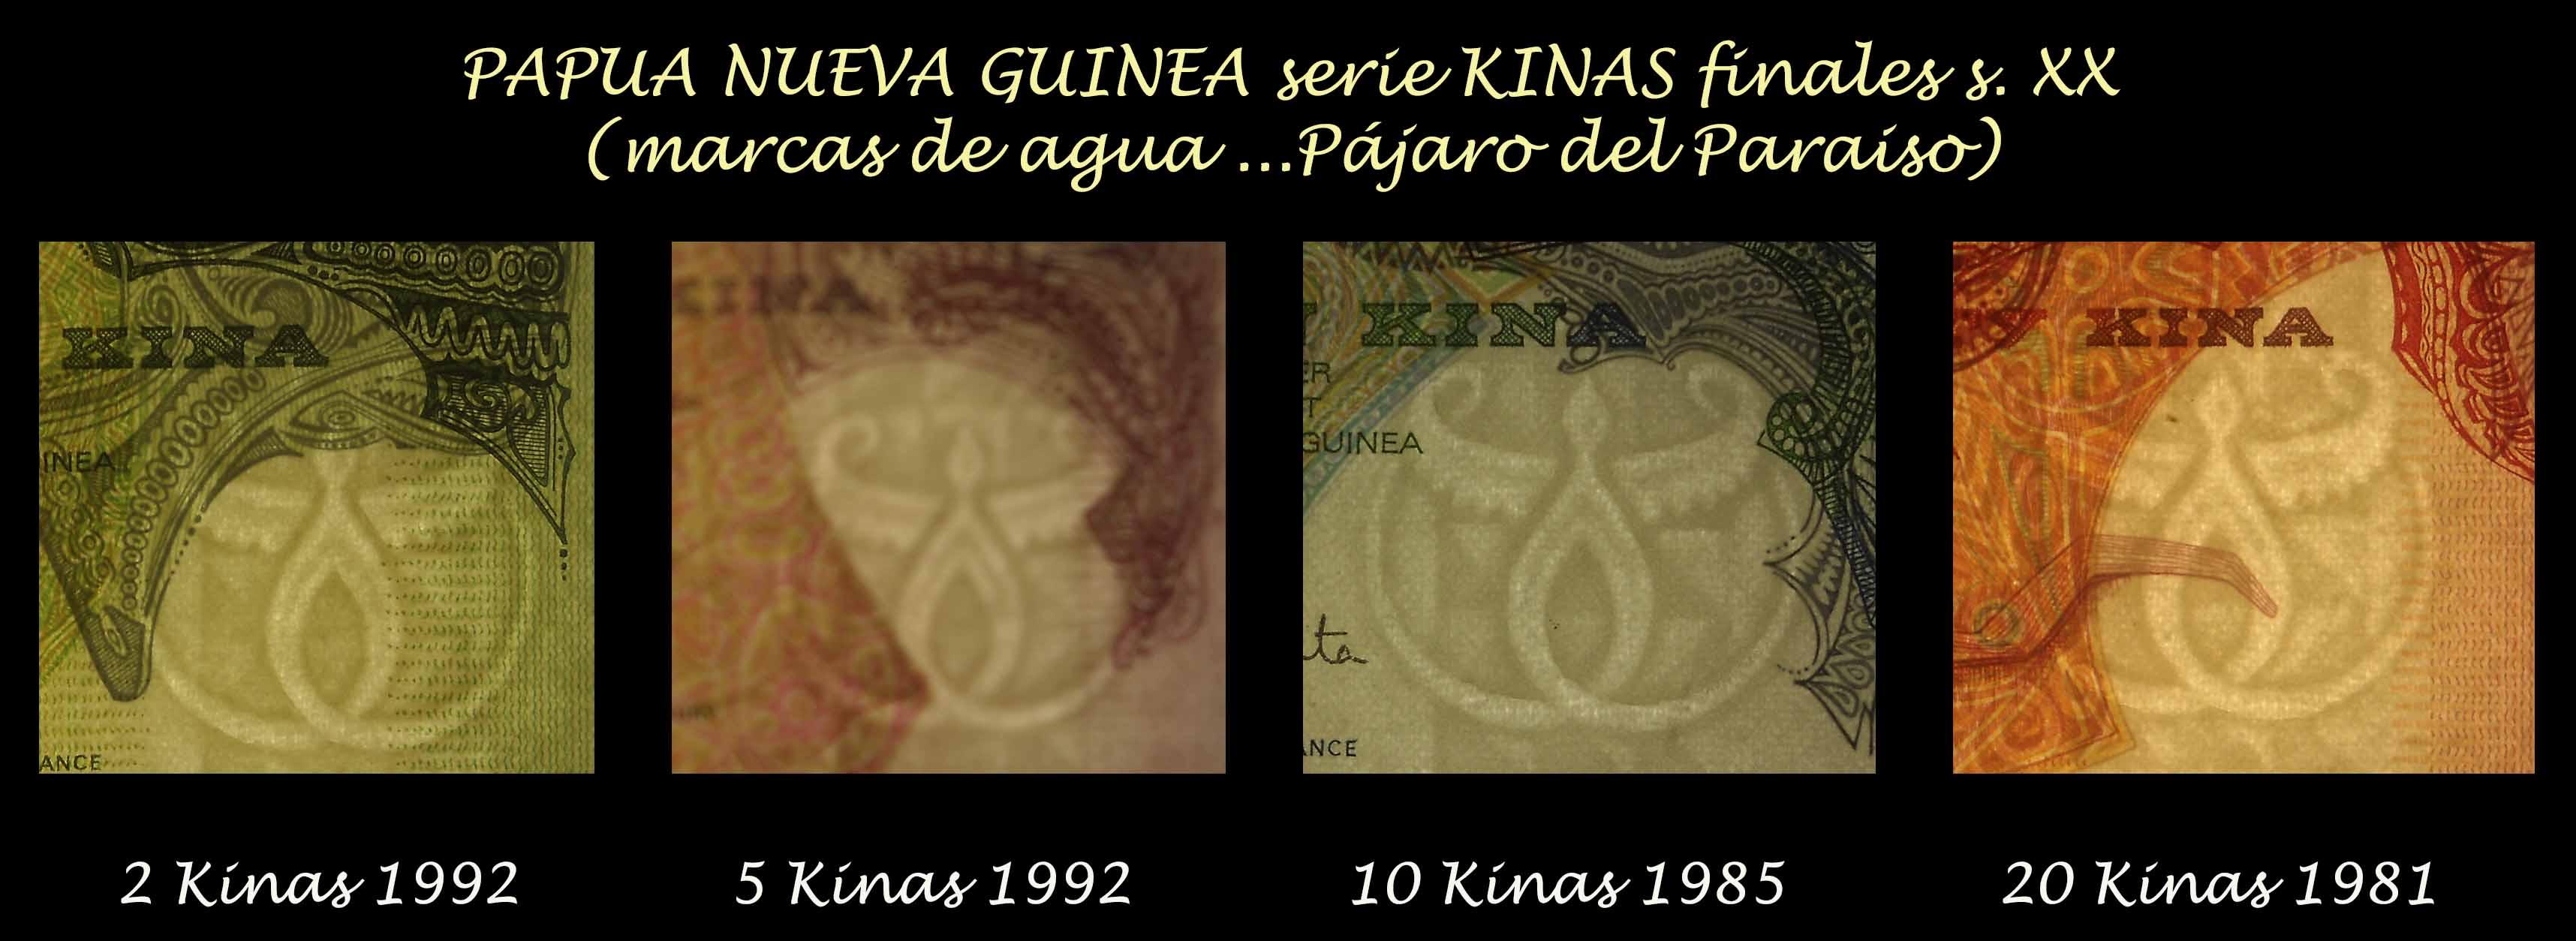 Papua Nueva Guinea serie Kinas finales s. XX marcas de agua